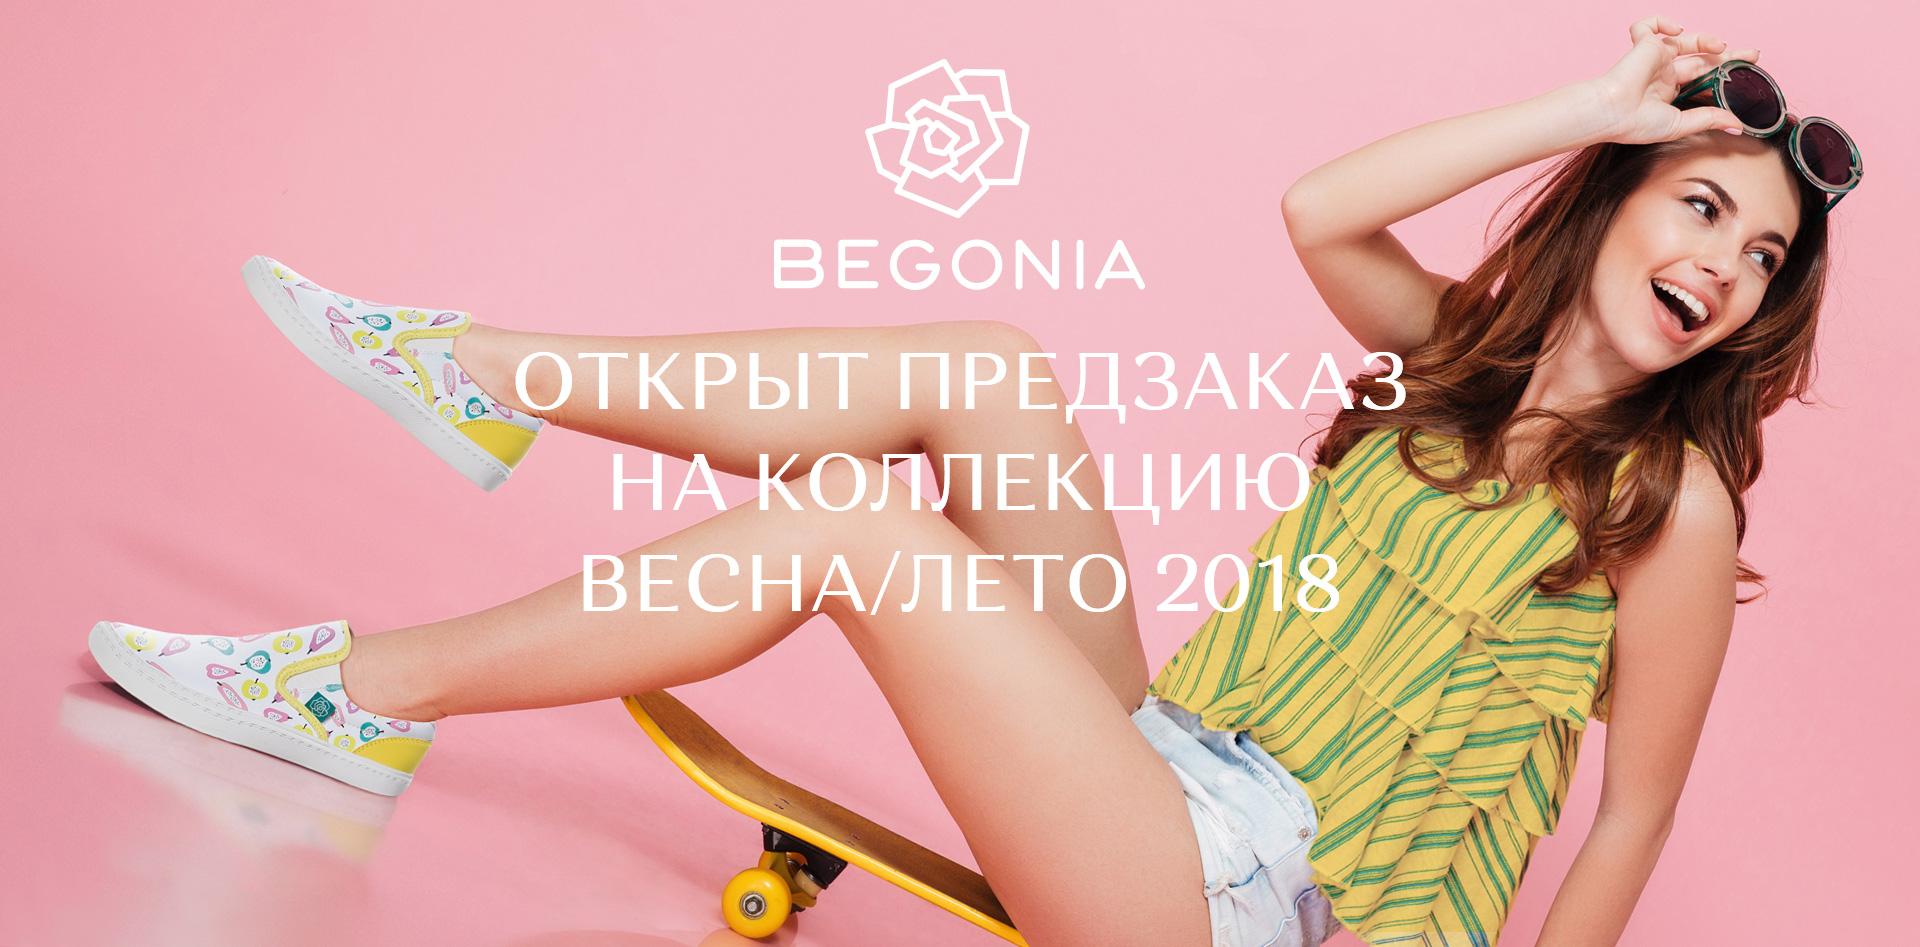 begonia-summer2018